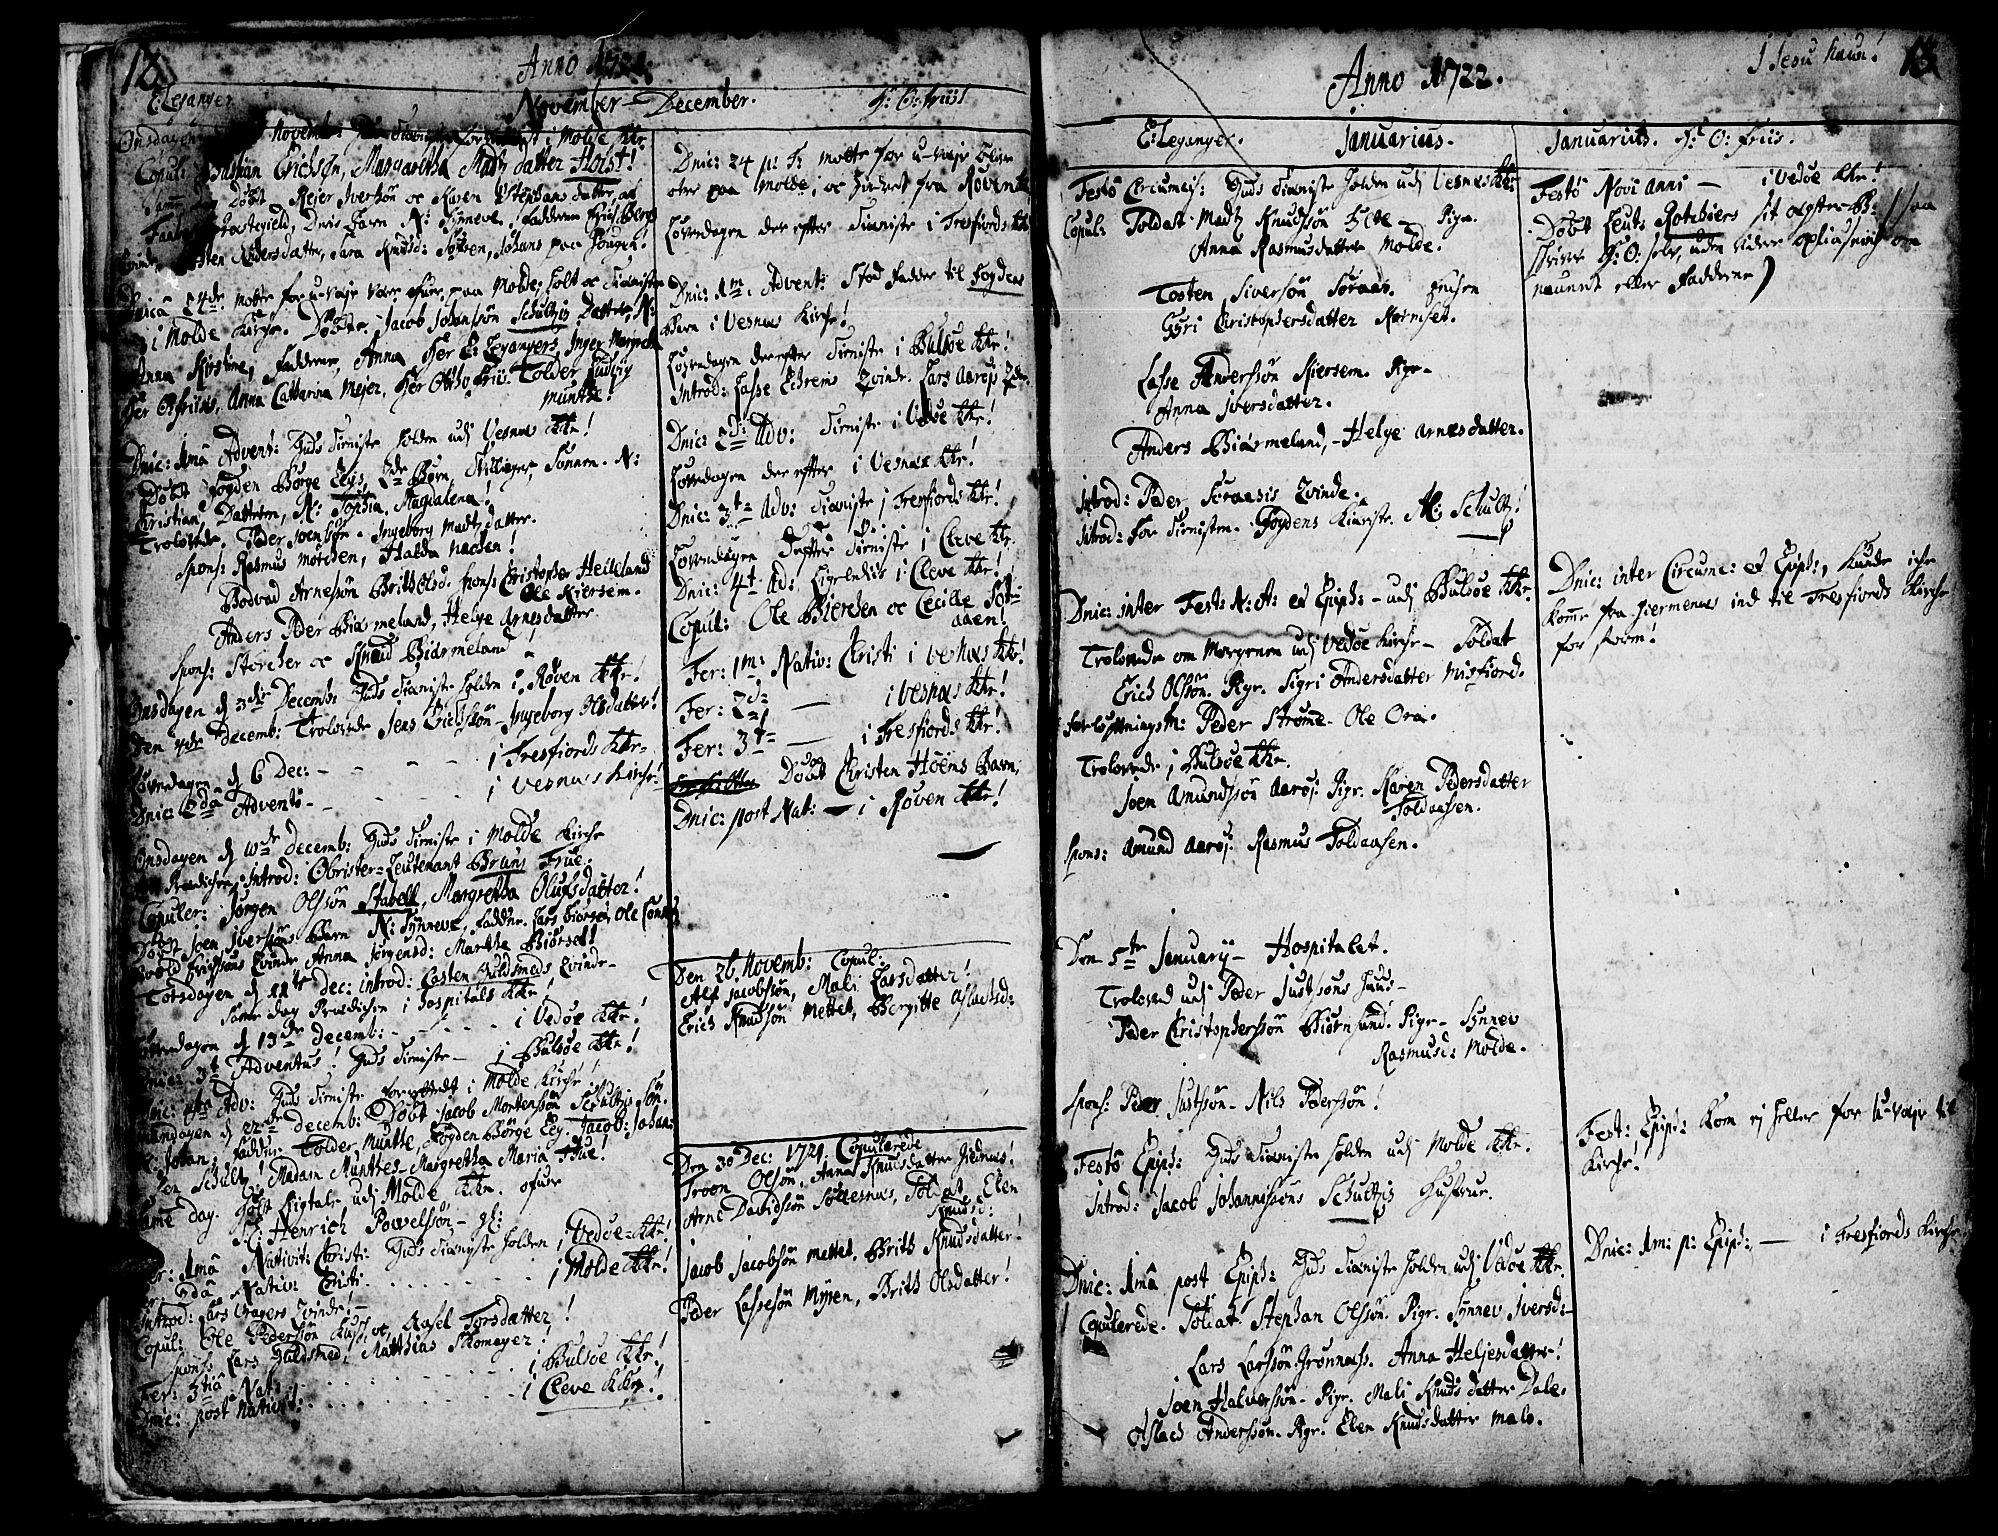 SAT, Ministerialprotokoller, klokkerbøker og fødselsregistre - Møre og Romsdal, 547/L0599: Parish register (official) no. 547A01, 1721-1764, p. 12-13